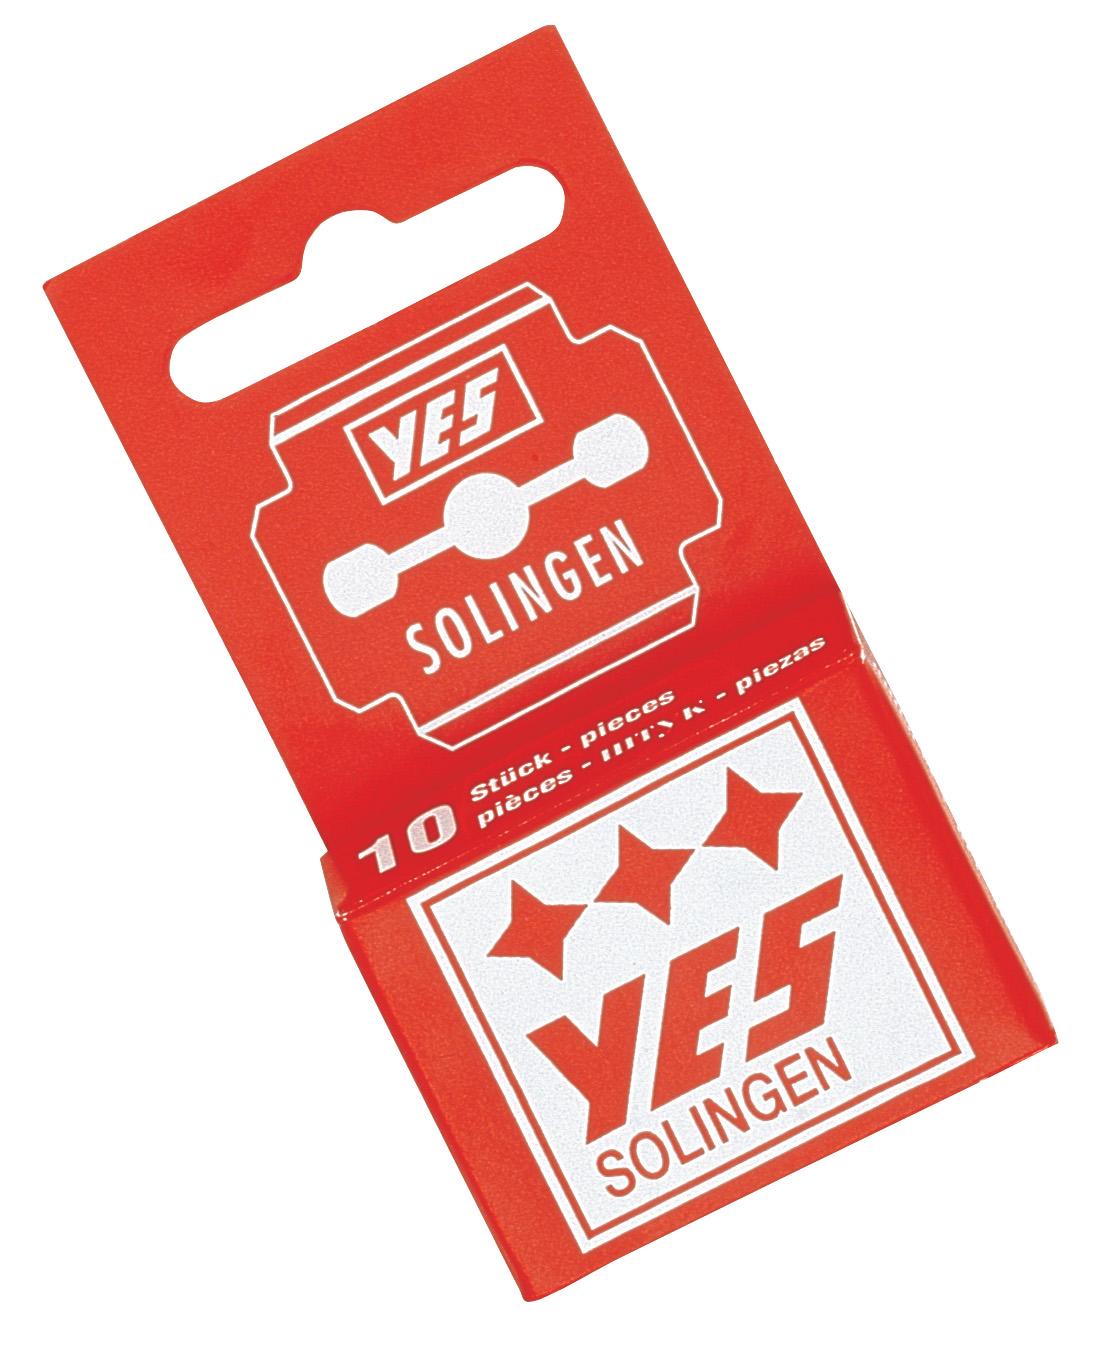 Becker-Manicure YES Запасные лезвия N10. 60106010Лезвия предназначены для удалителя мозолей Yes арт. 9600. Запасные лезвия 10 шт. двусторонние, что дает возможность использовать обе их стороны. Хранить в сухом недоступном для детей месте.Замена изделия не осуществляется в следующих случаях: - Использование не по назначению - Самостоятельный ремонт - Нарушение условий храненияКак ухаживать за ногтями: советы эксперта. Статья OZON Гид